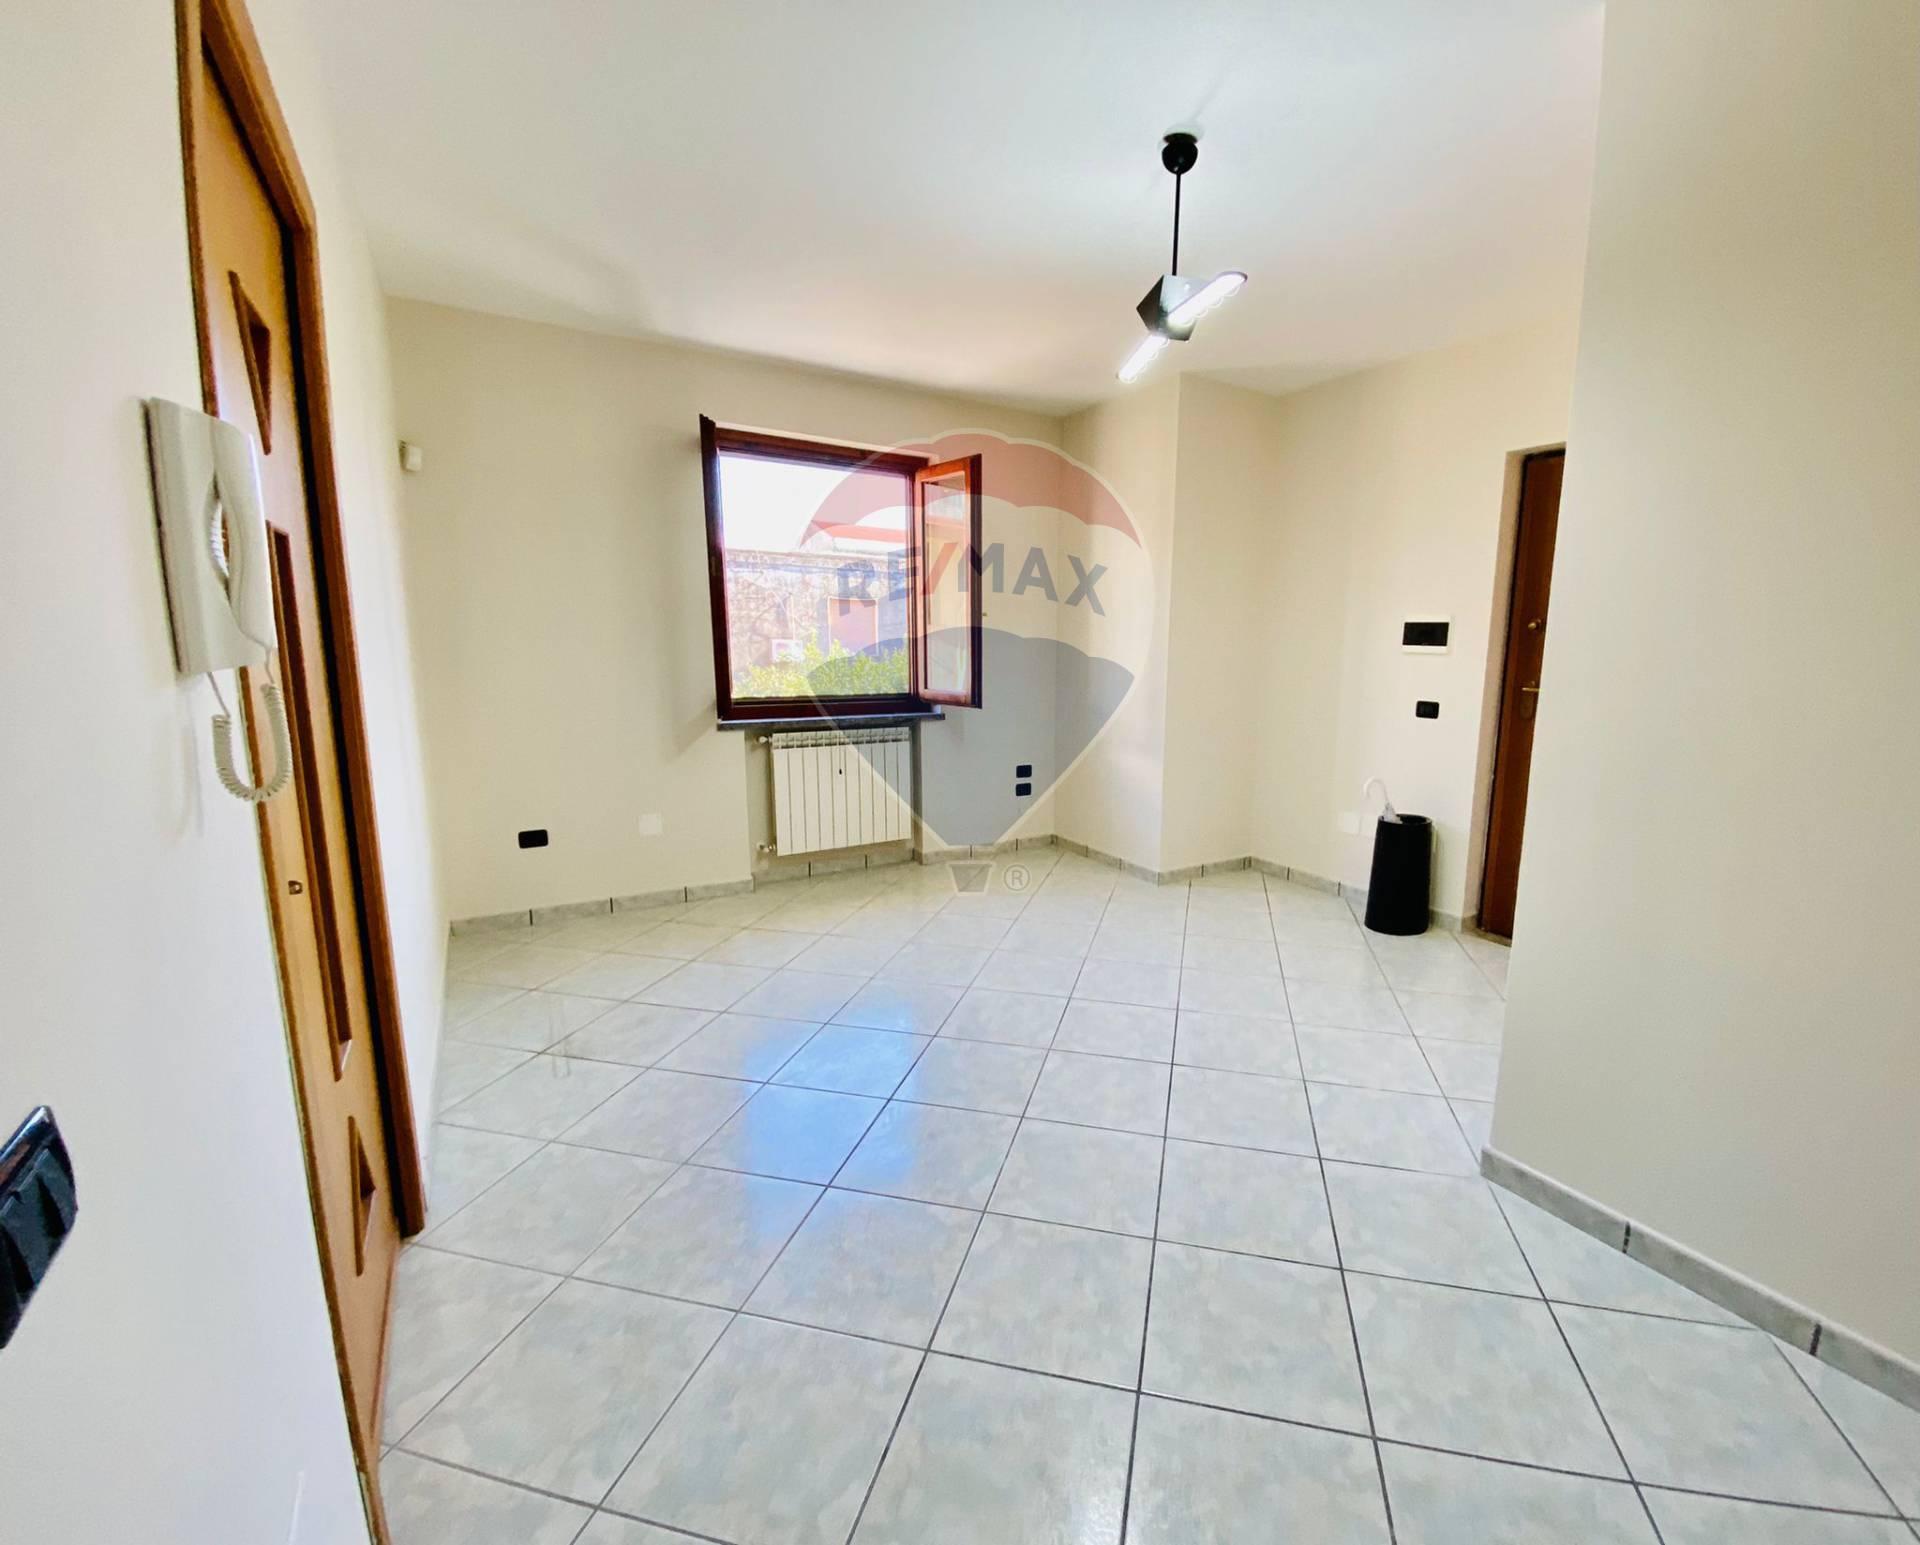 Appartamento in vendita a Acerra, 3 locali, prezzo € 99.500 | CambioCasa.it